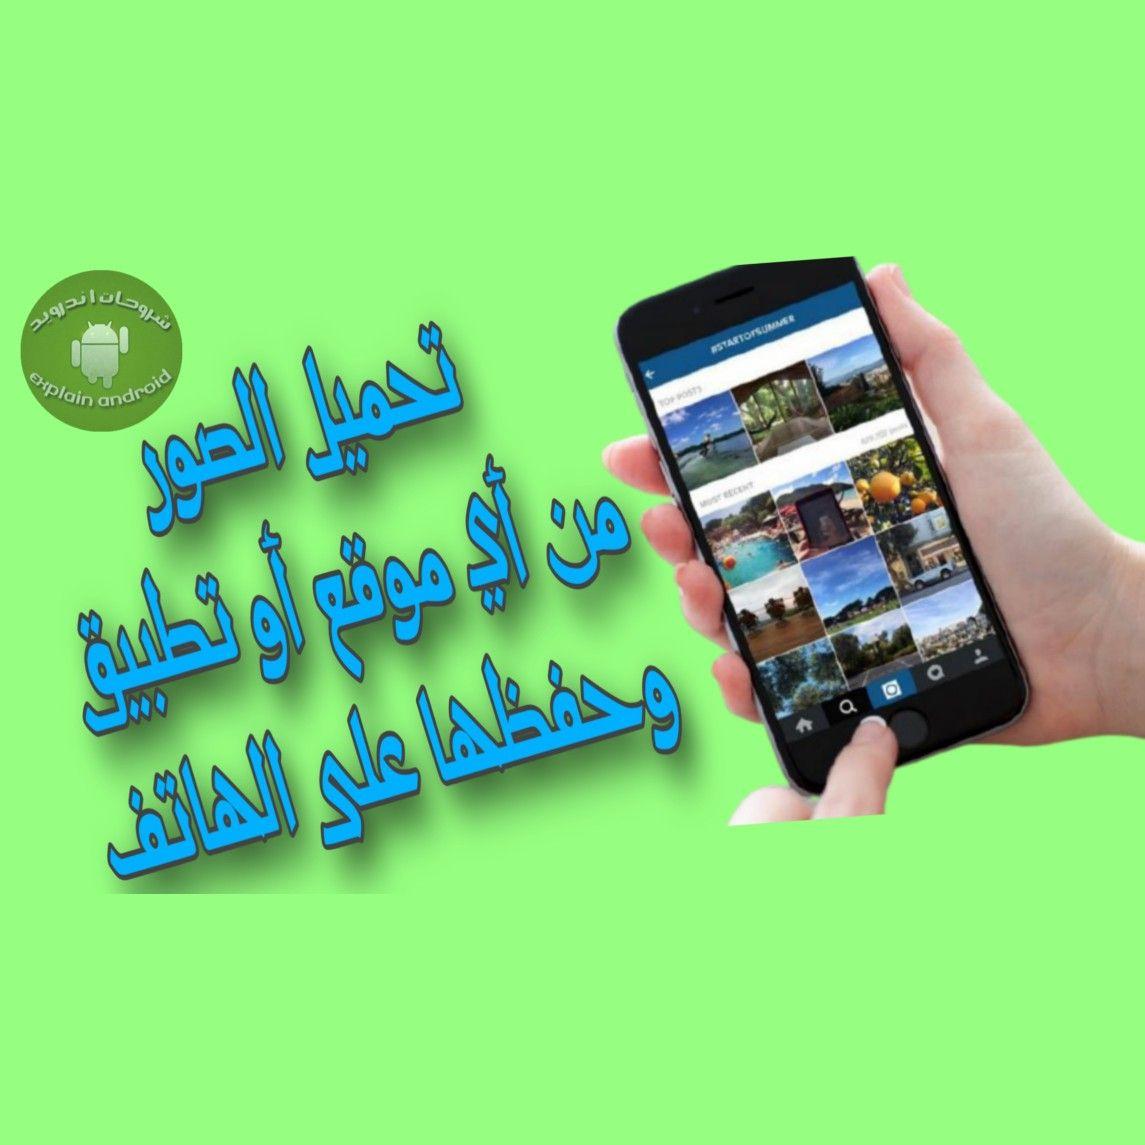 شرح الطرق التي تستطيع بها الحصول على الصور و تحميلها من أي موقع على الإنترنت أو أي تطبيق لديك Tablet Android L Android